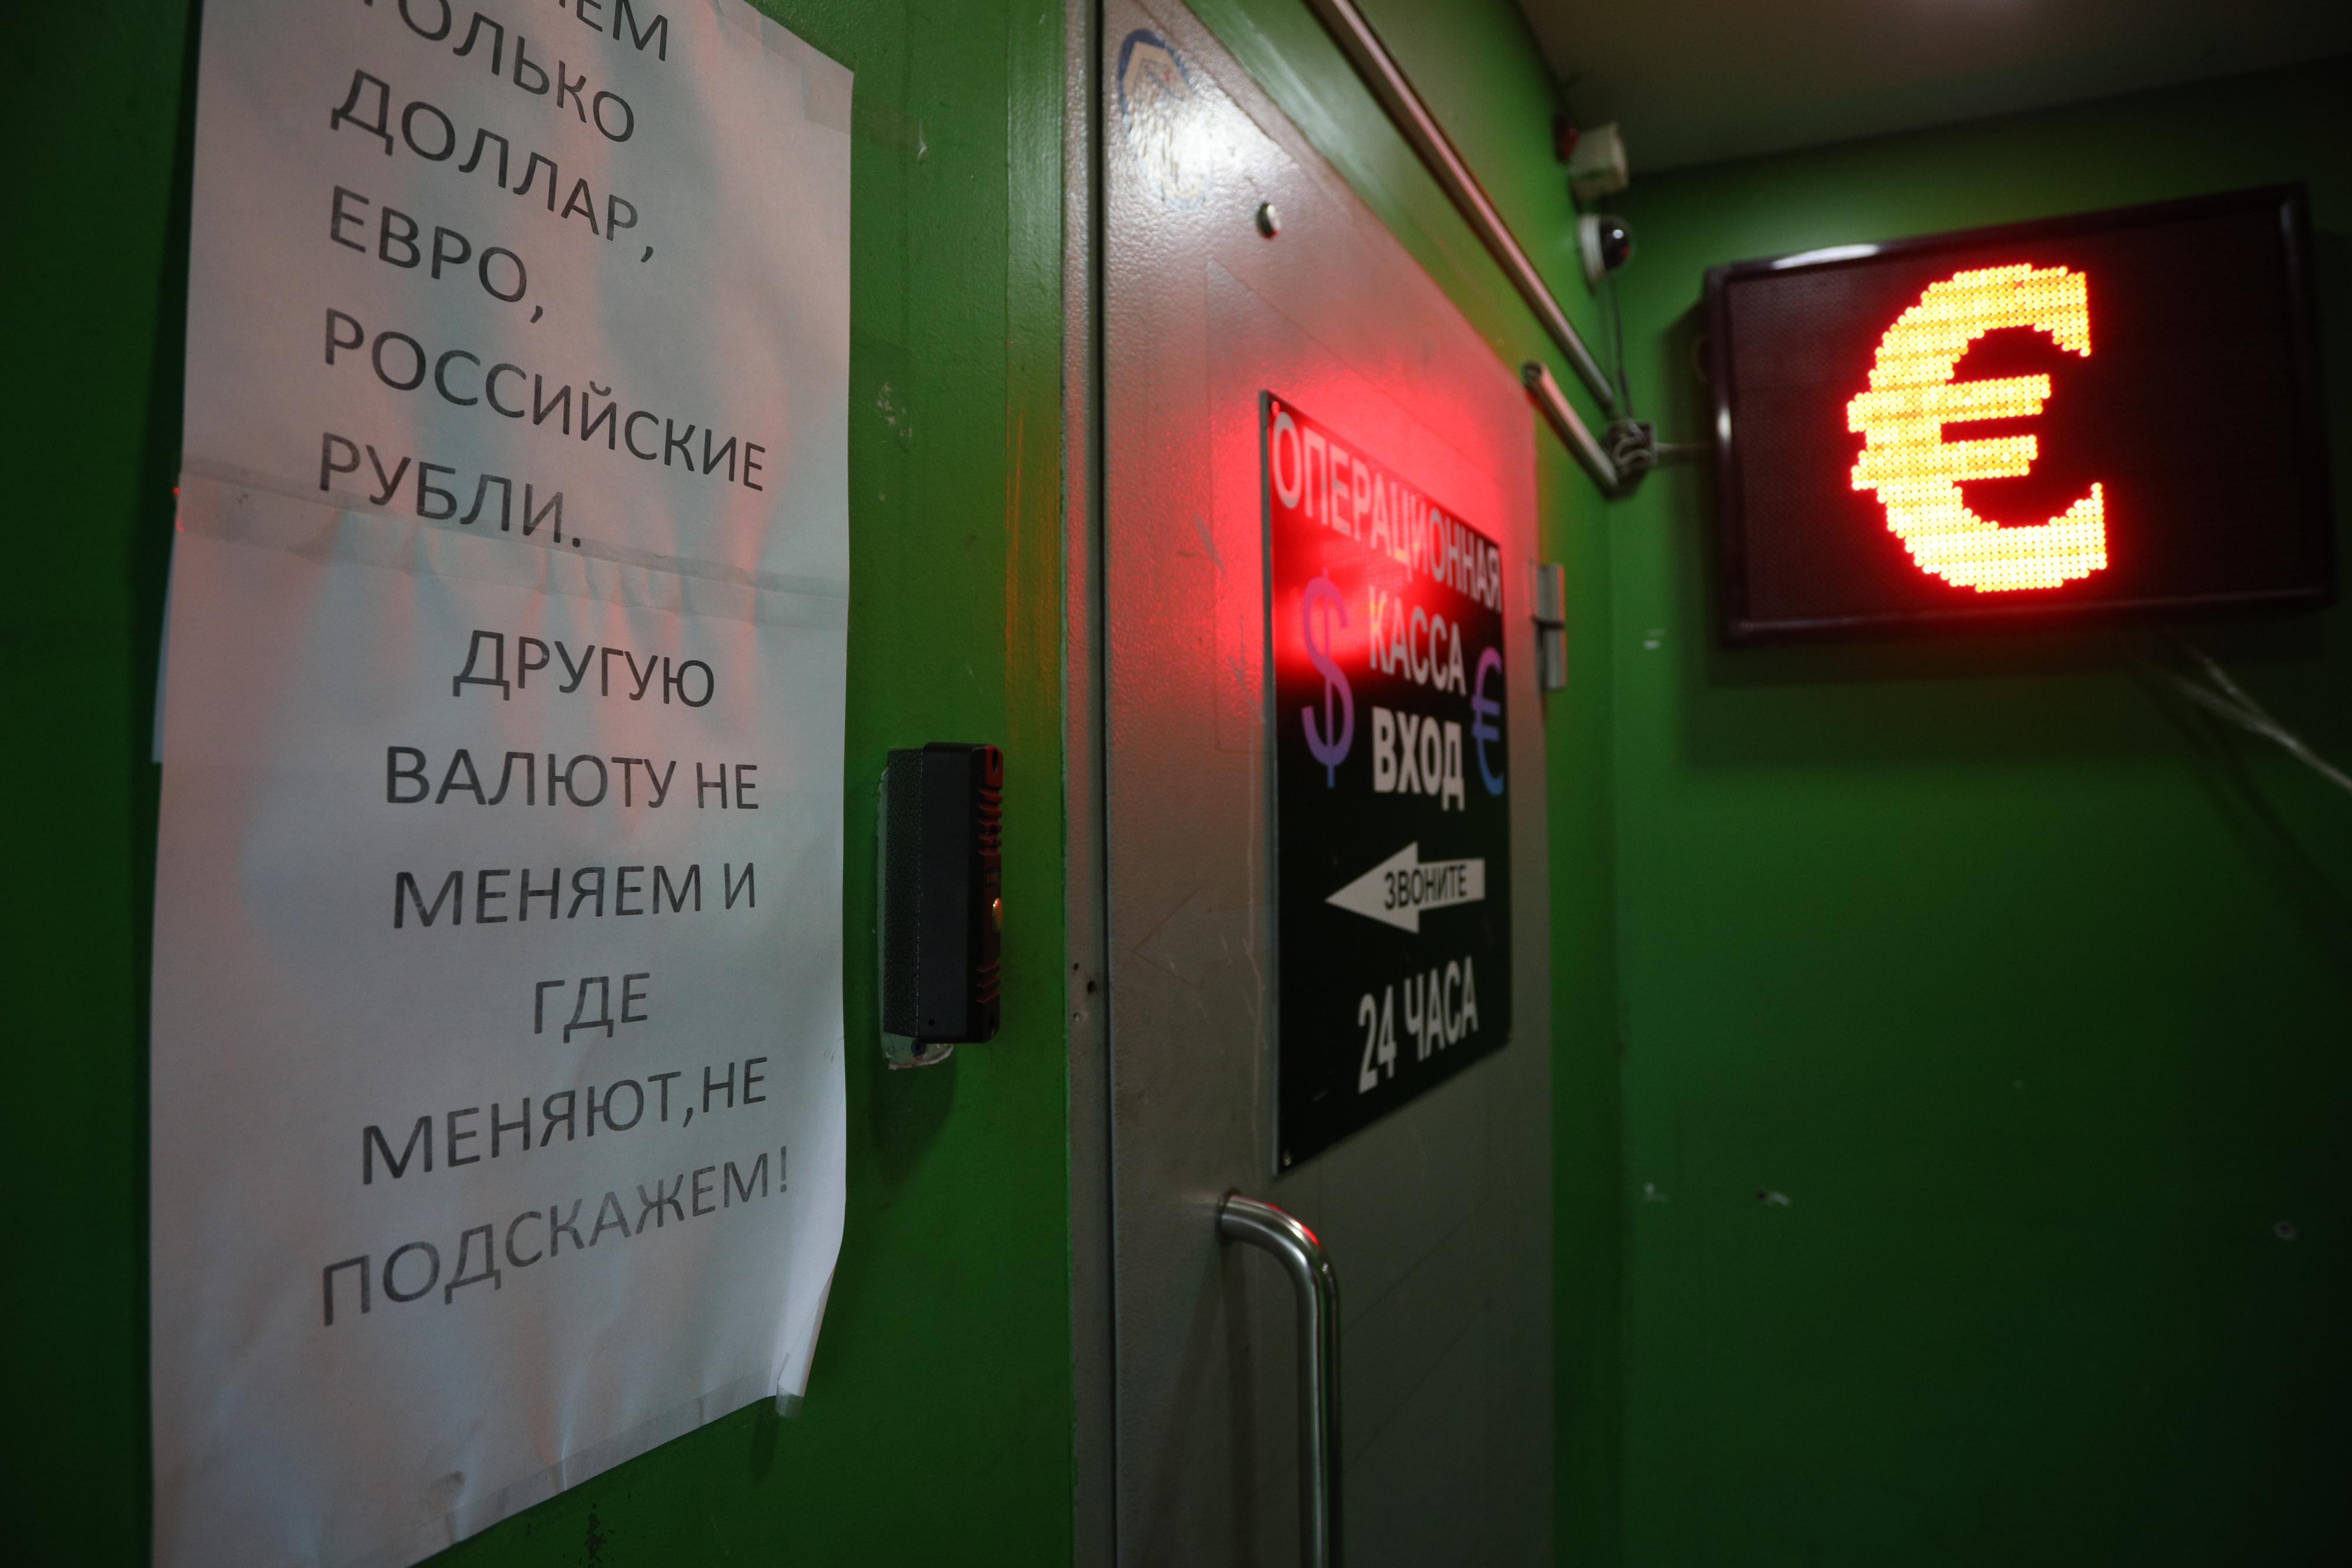 Фото © ТАСС / Андрей Гордеев